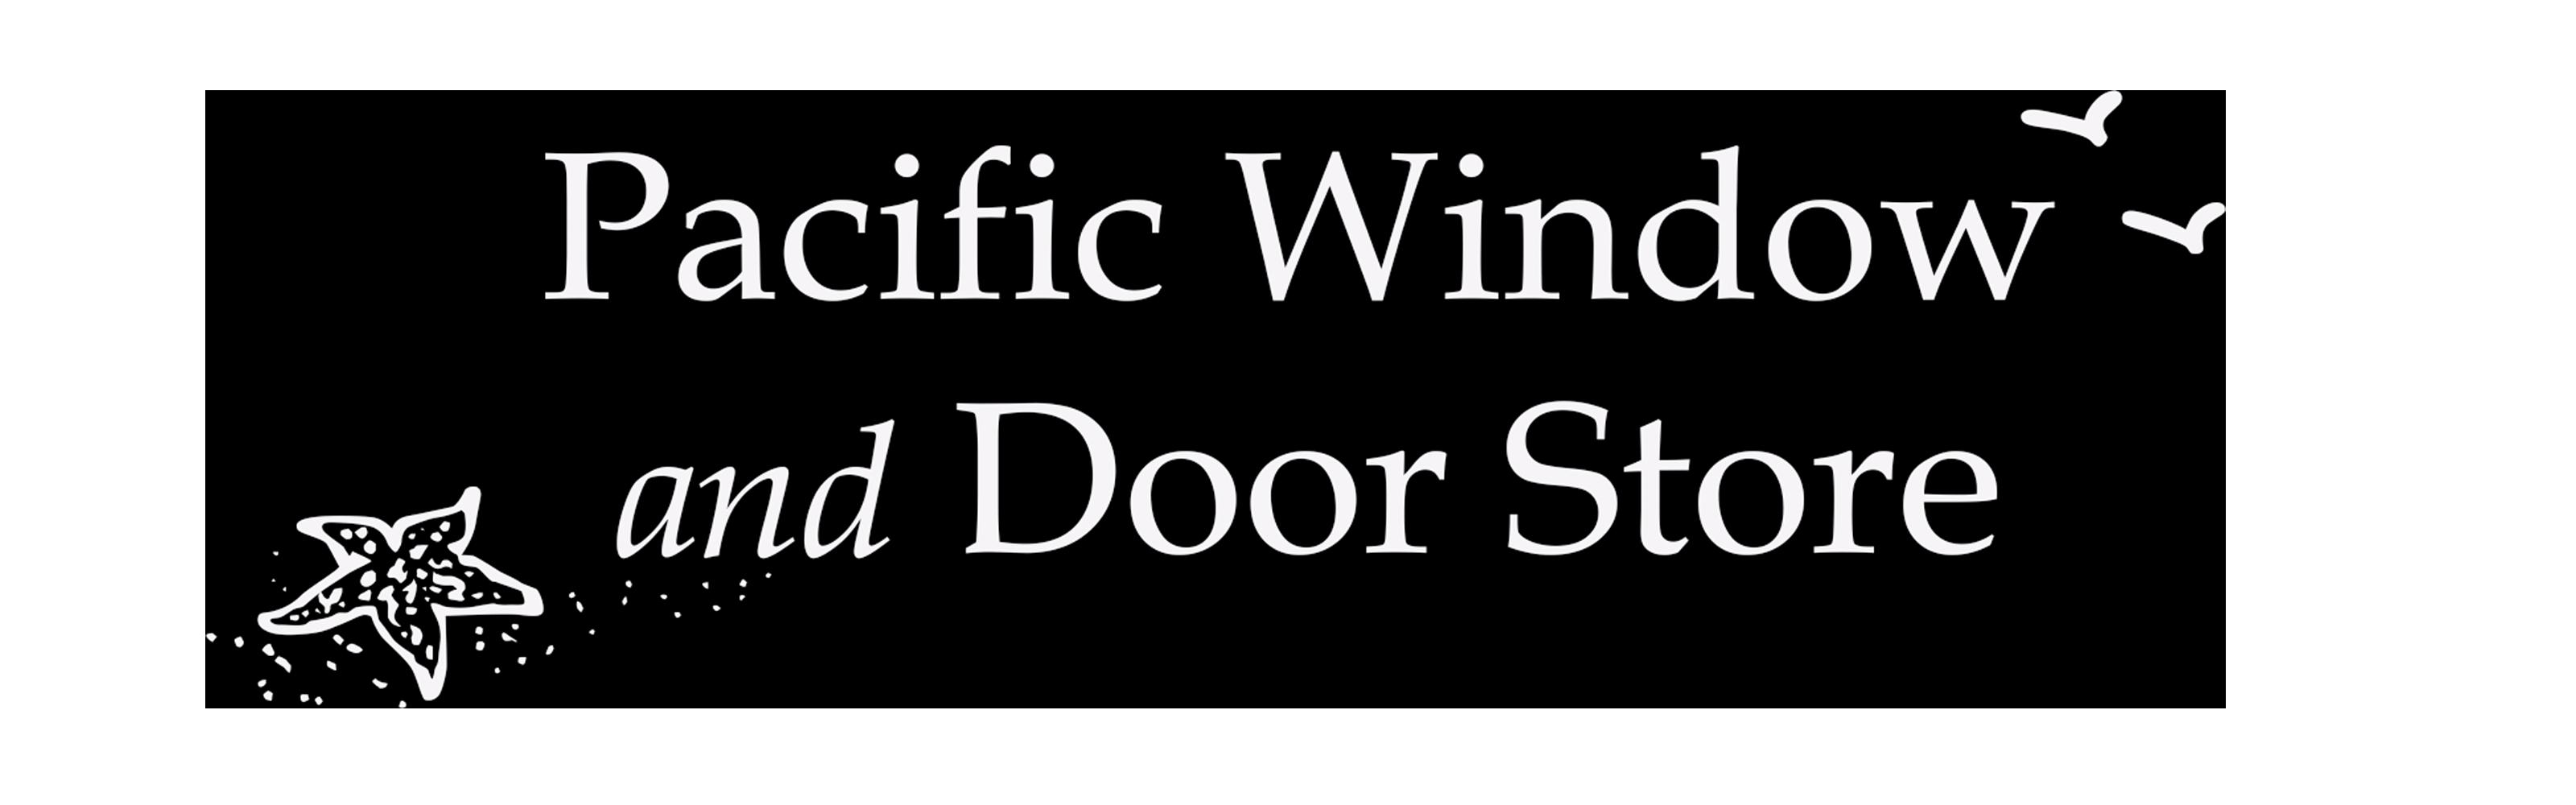 Pacific Window and Door Store Logo